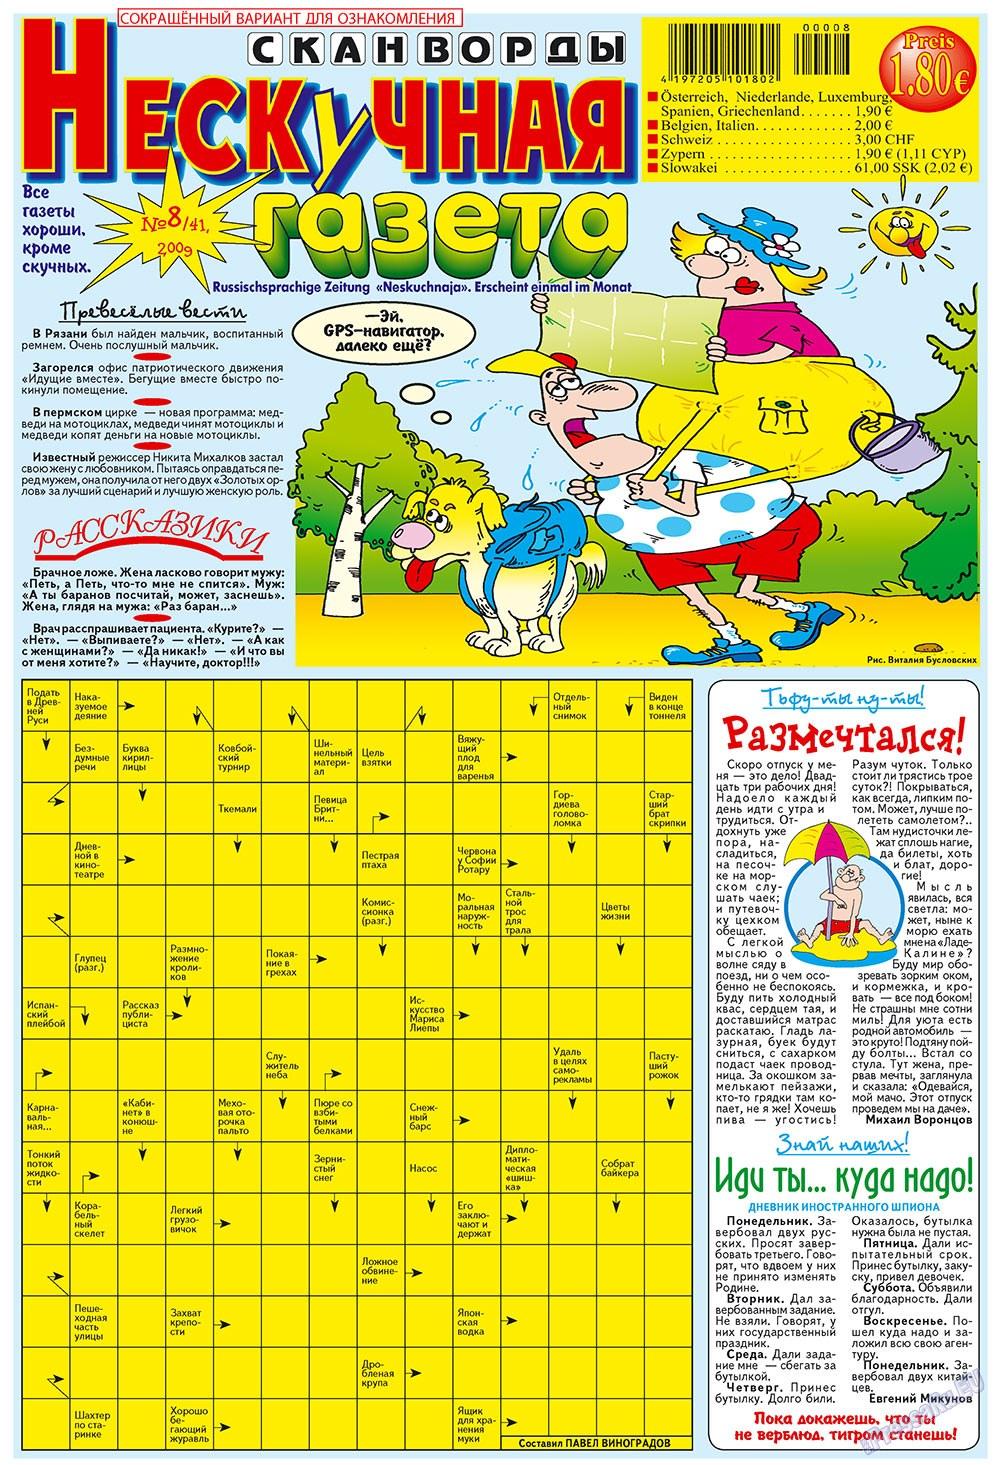 Нескучная газета (журнал). 2009 год, номер 8, стр. 1